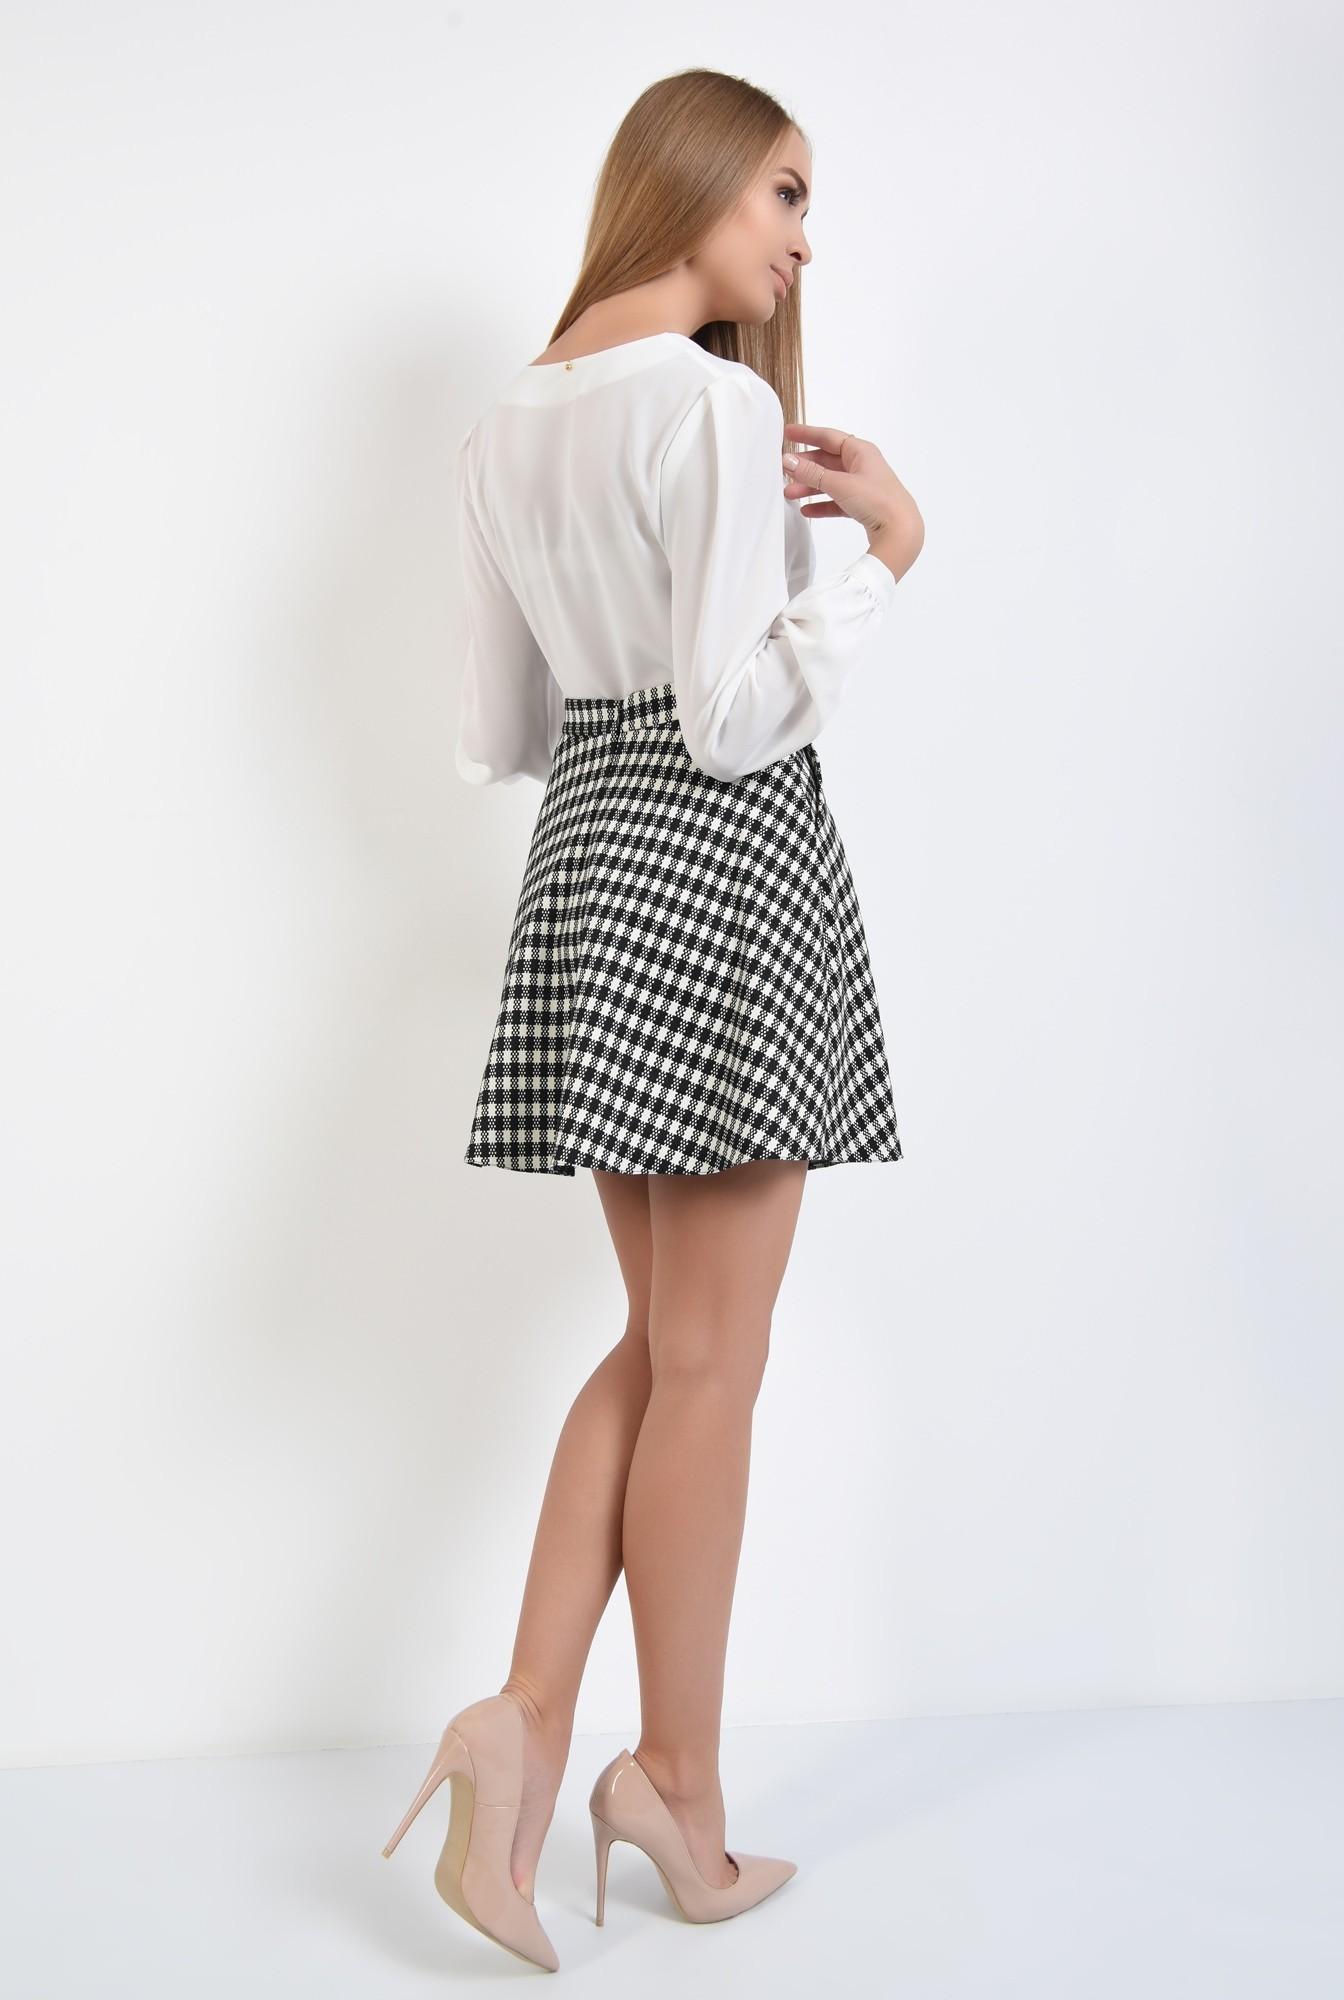 1 - fusta casual, bie, alb-negru, carouri, imprimeu